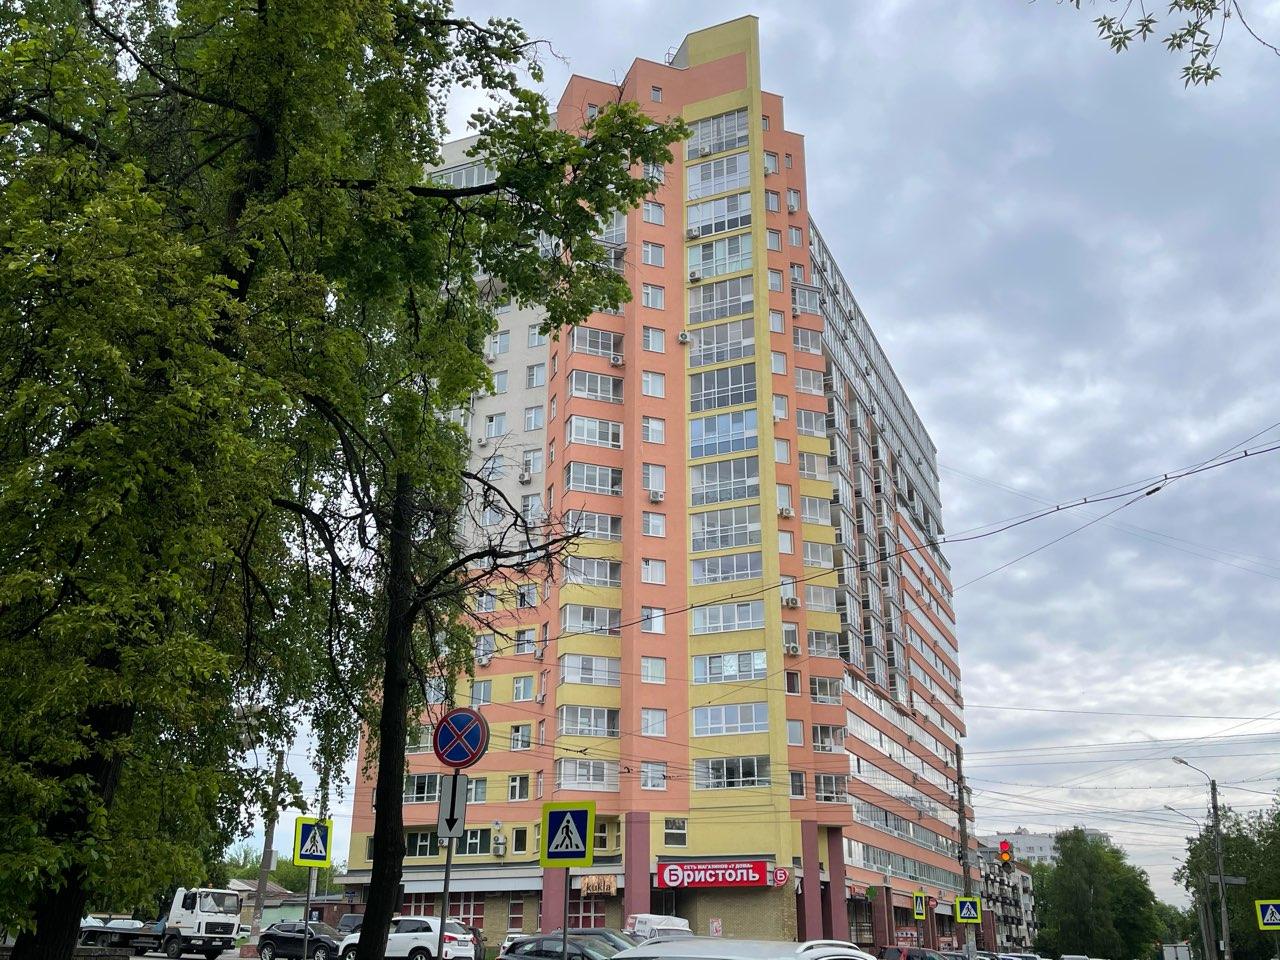 Госпрограмму аренды жилья для семей с низкими доходами хотят запустить в России